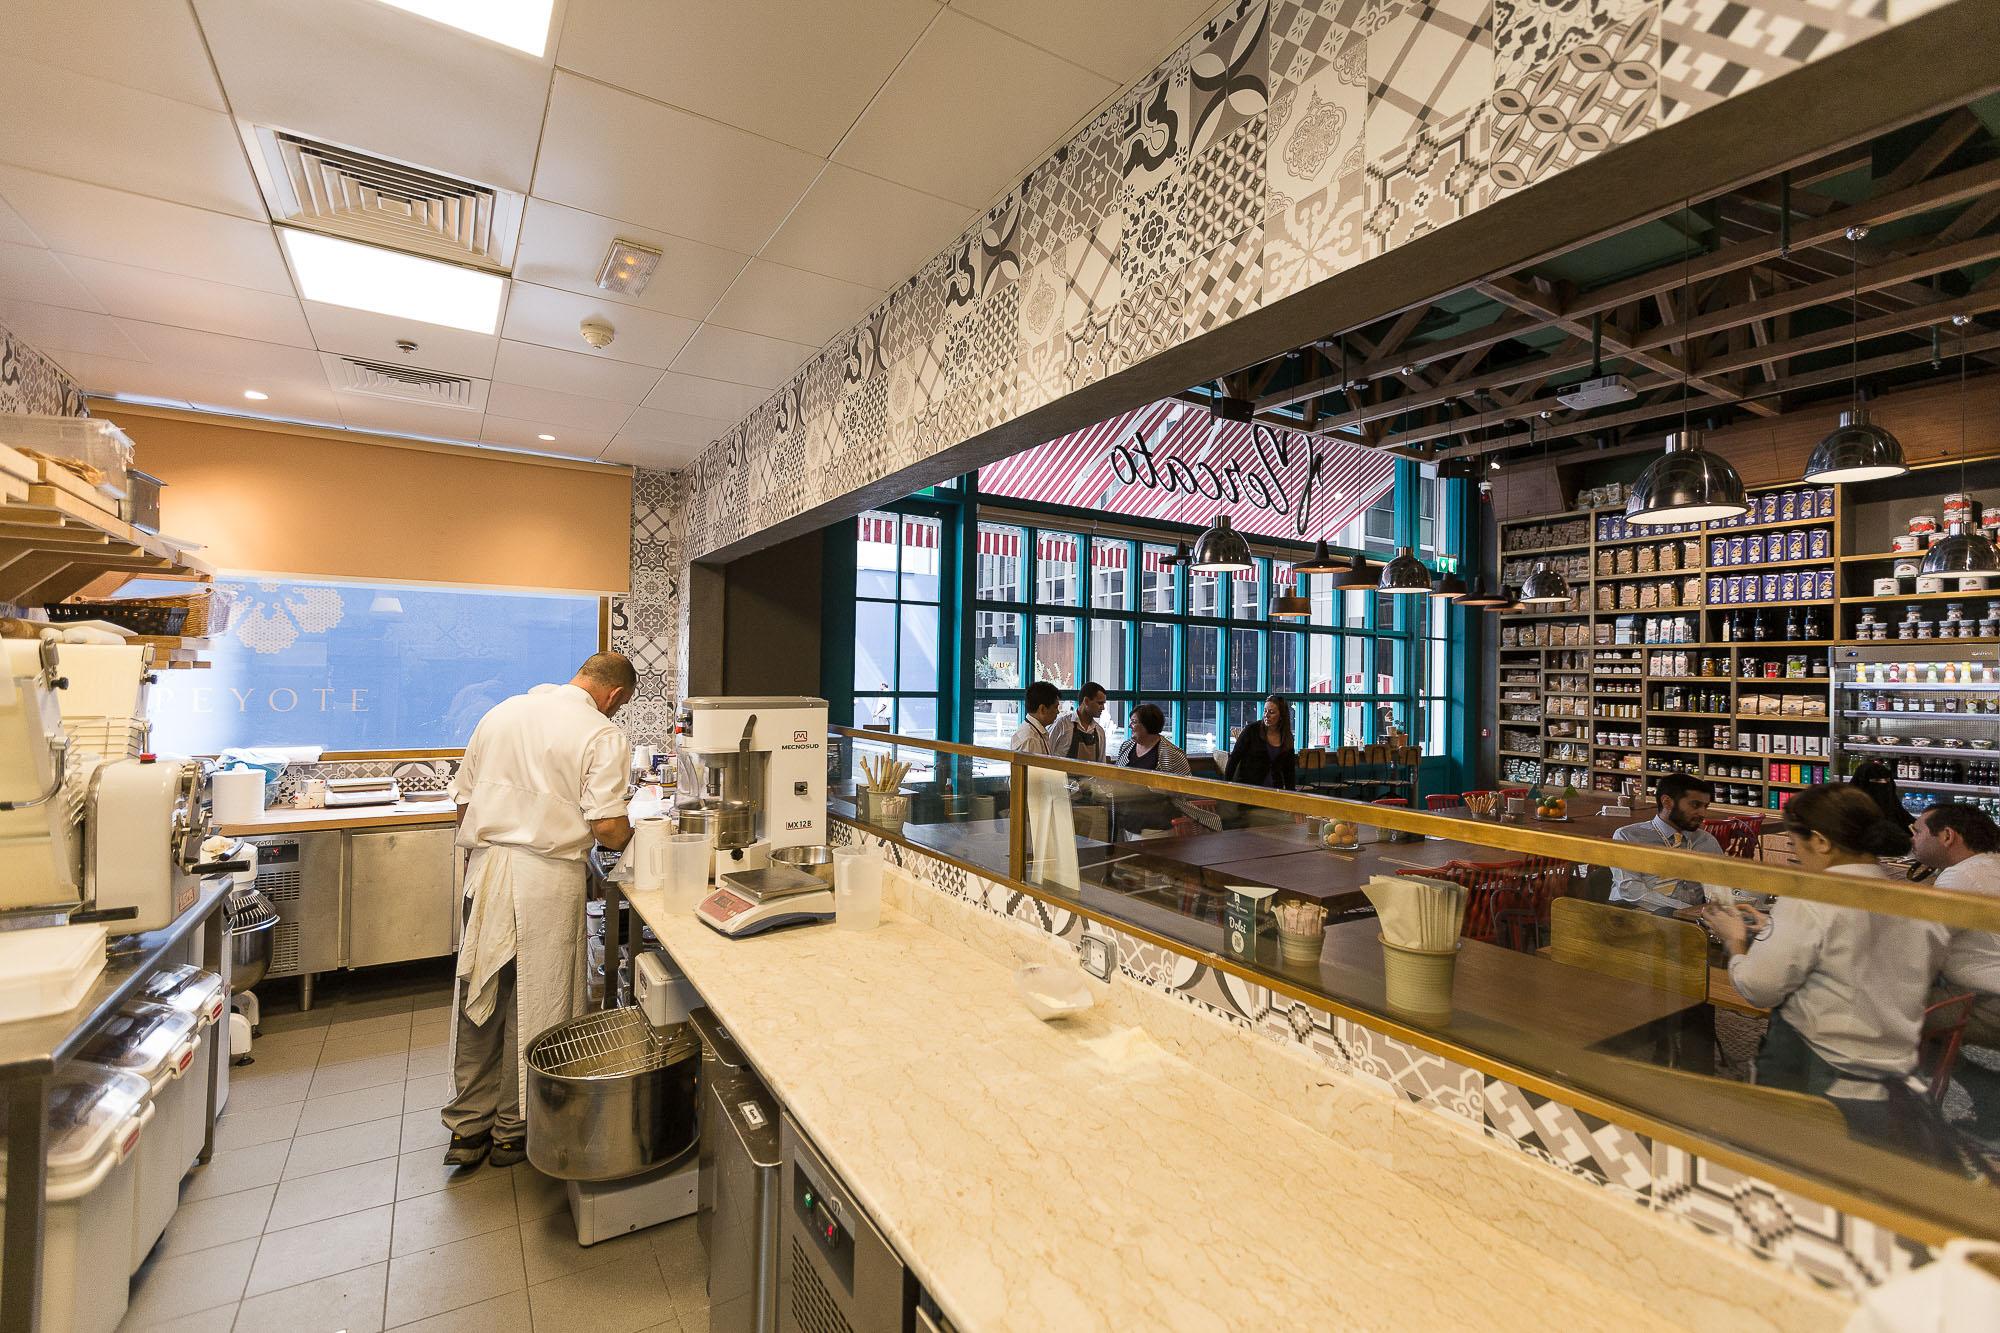 mercato_italia_kitchen_dubai_2